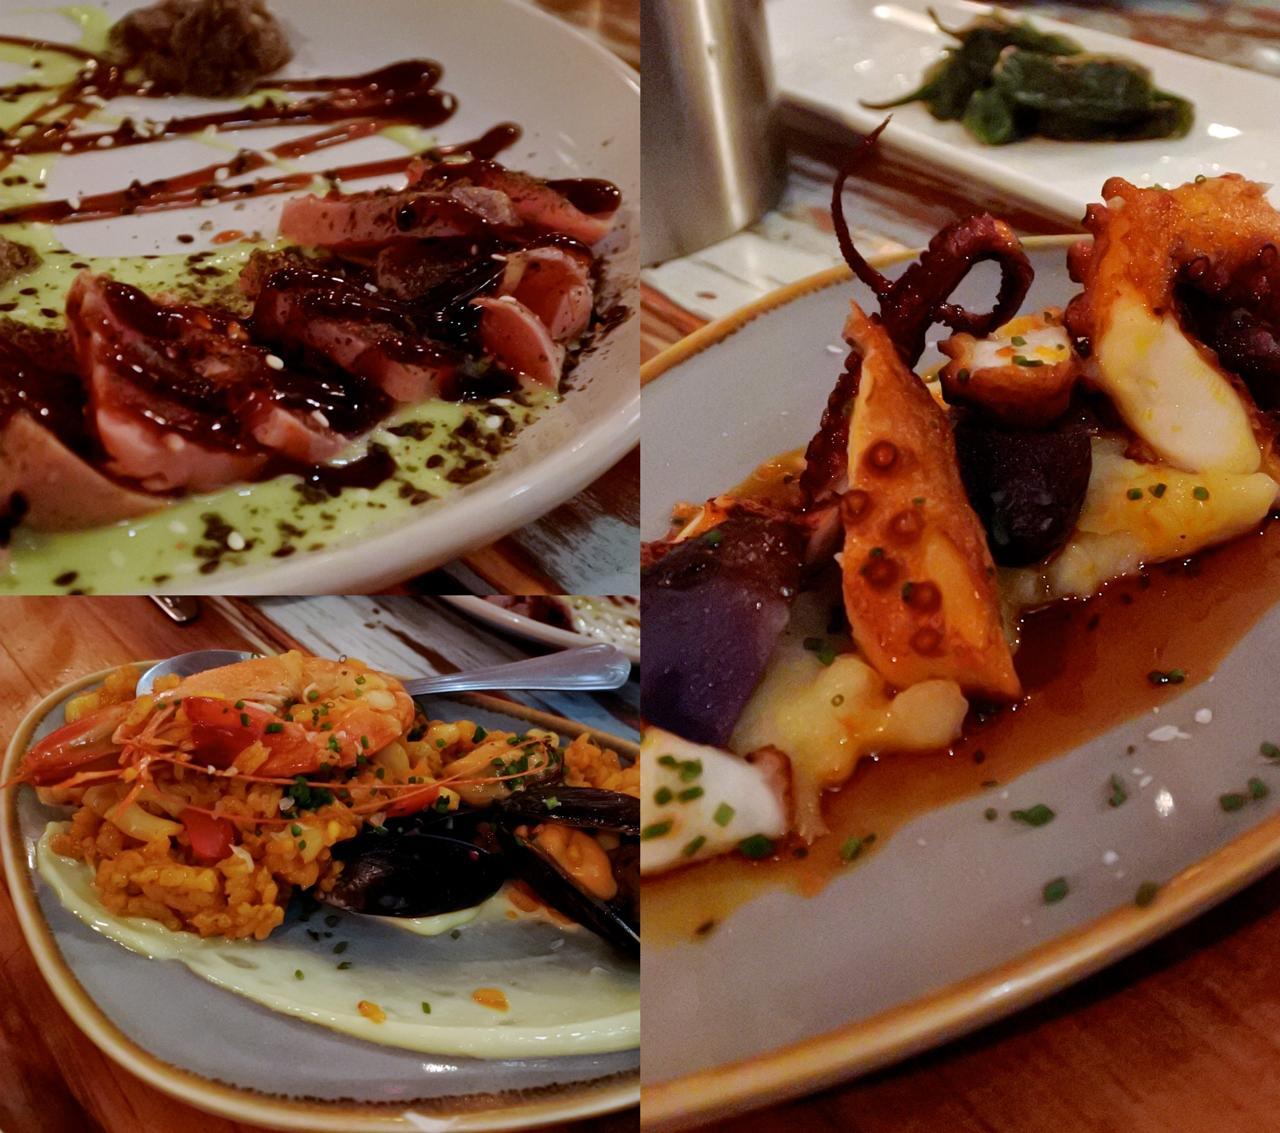 右はタコとフモスの一品。これはタコの火の通り具合もソースも美味しくて、超オススメ。左上のマグロのたたきも新鮮な魚で美味しかったです